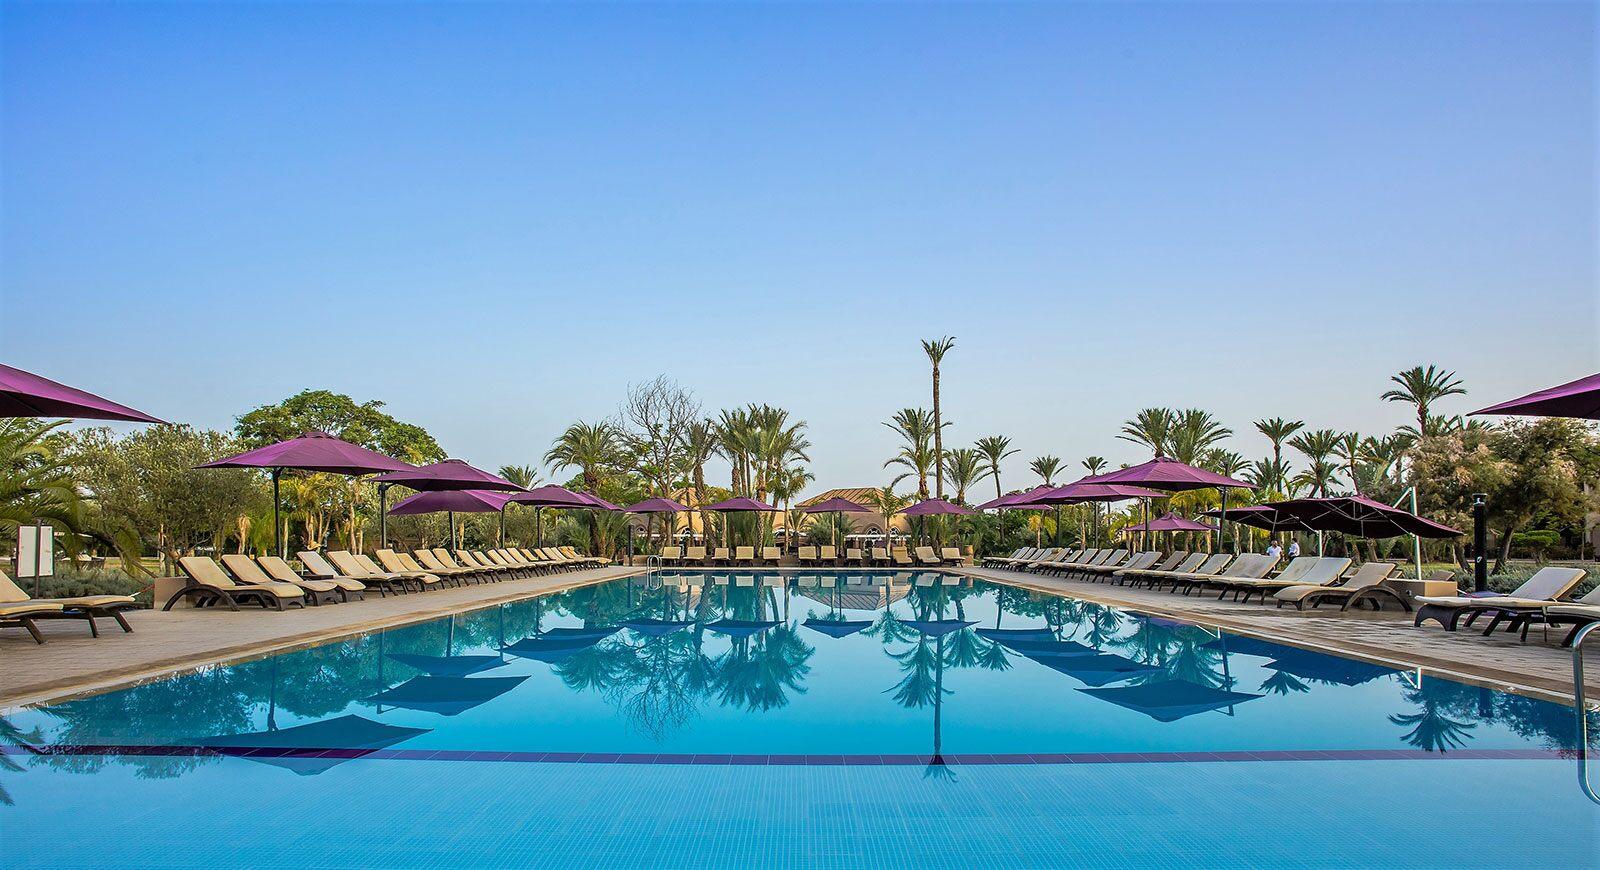 Luxus im Orient: Übernachten im Barceló Palmeraie in Marrakesch 8